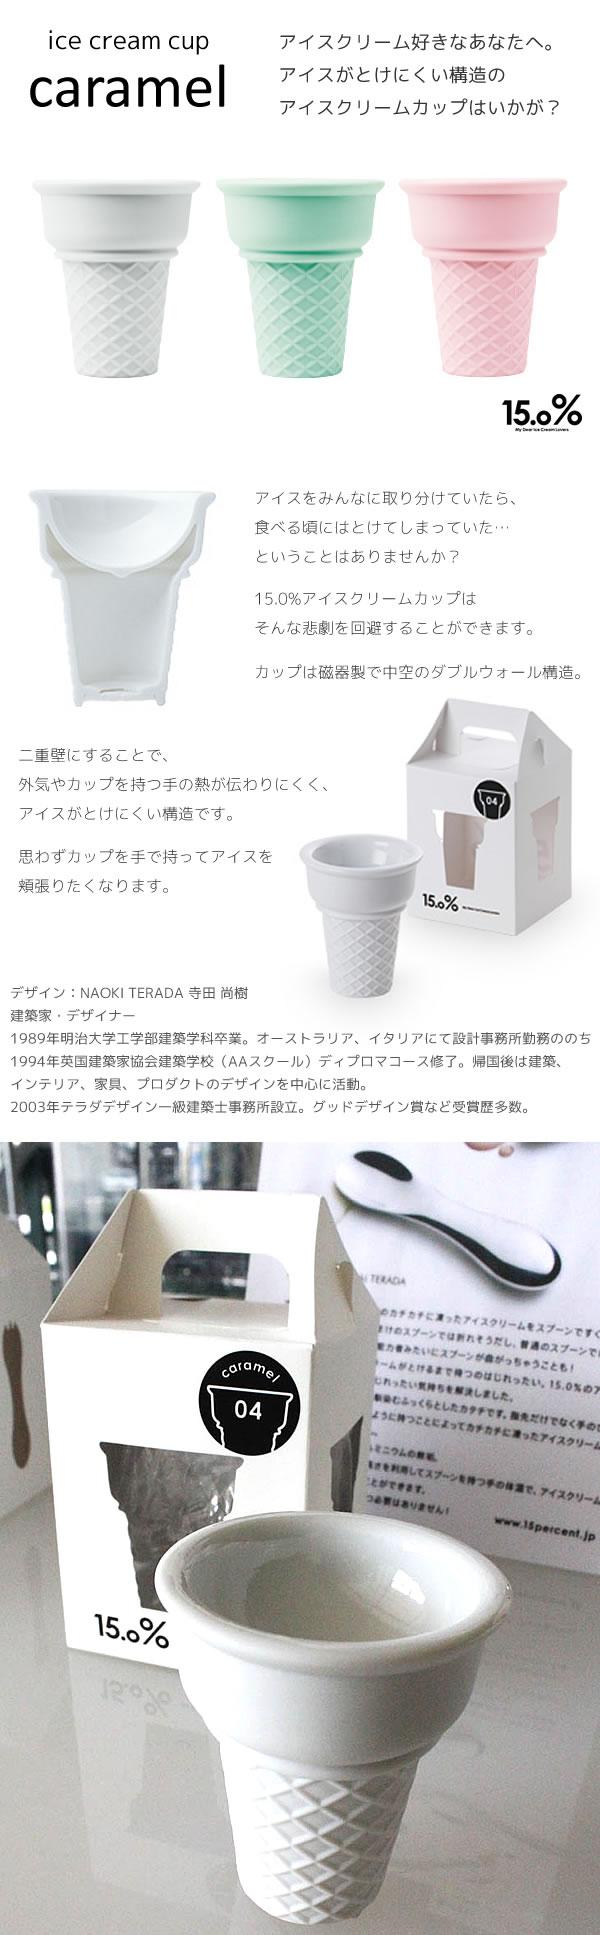 15.0% アイスクリームカップ No.04 ホワイト